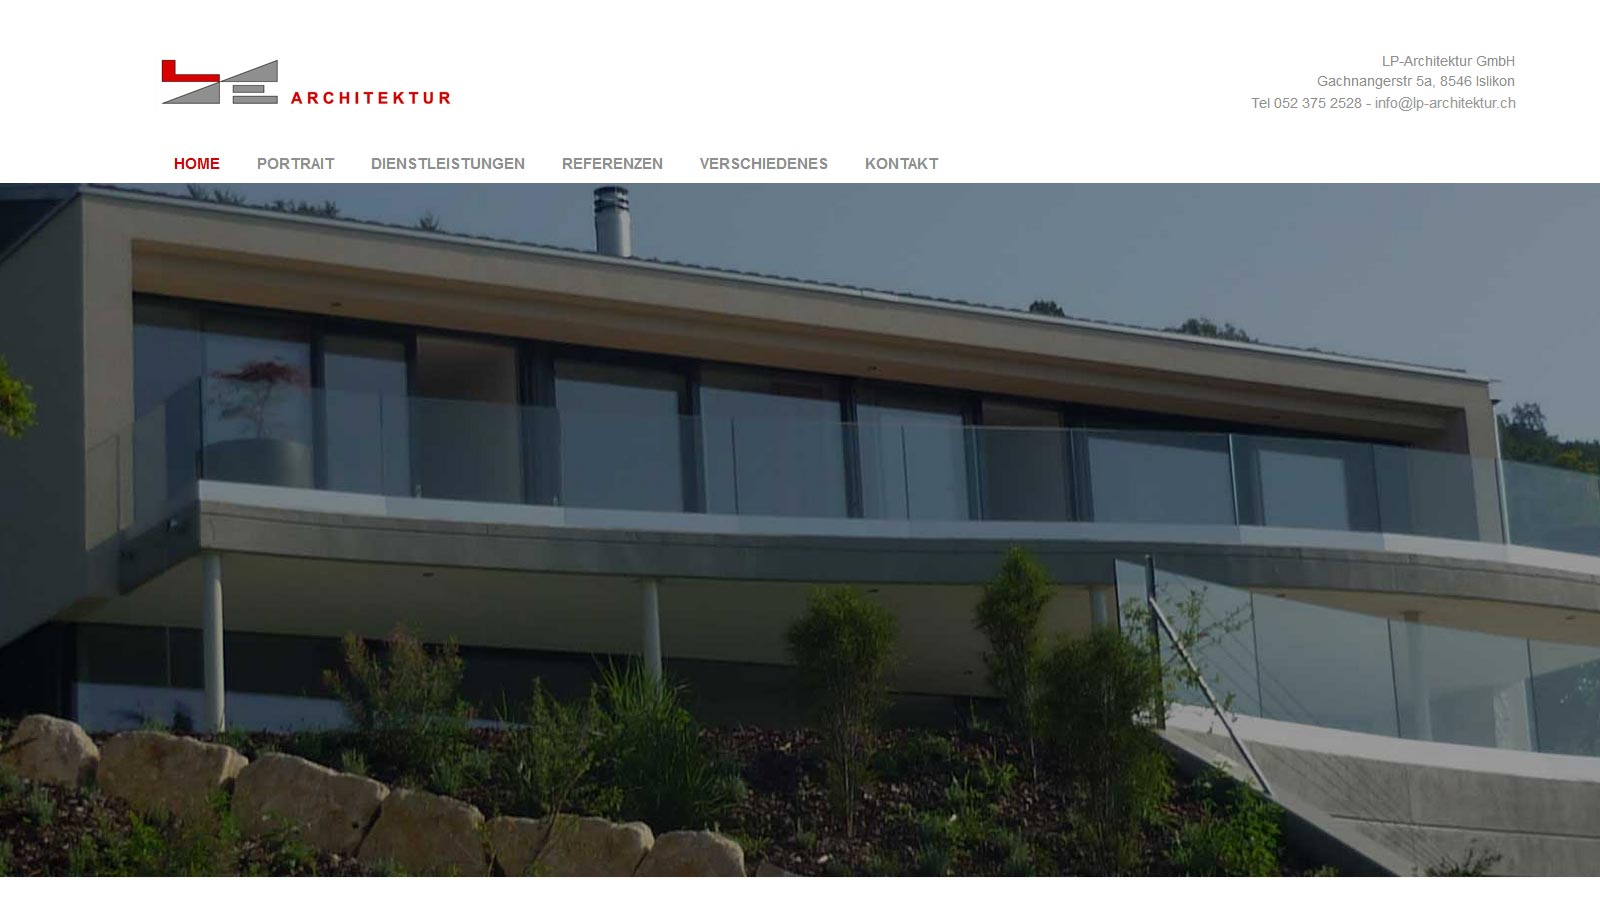 lp-architektur.ch